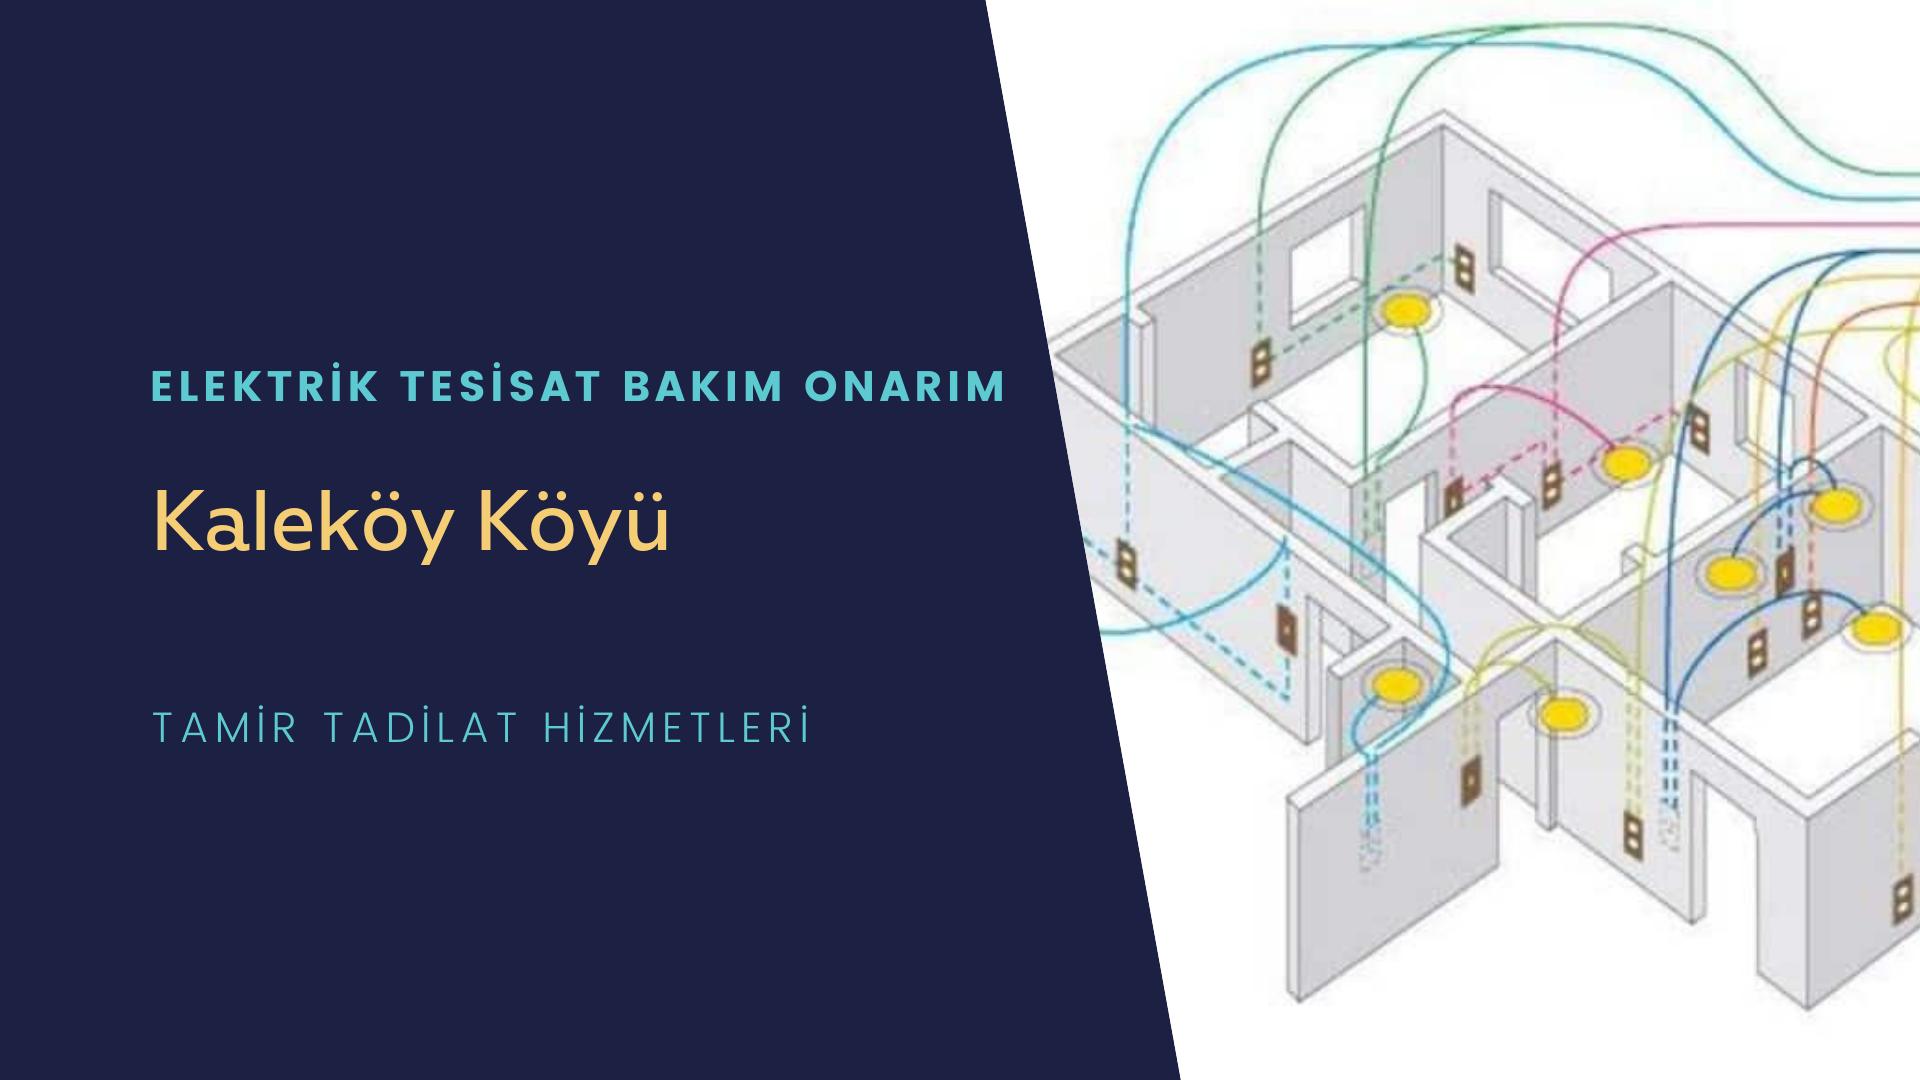 Kaleköy Köyü  elektrik tesisatıustalarımı arıyorsunuz doğru adrestenizi Kaleköy Köyü elektrik tesisatı ustalarımız 7/24 sizlere hizmet vermekten mutluluk duyar.